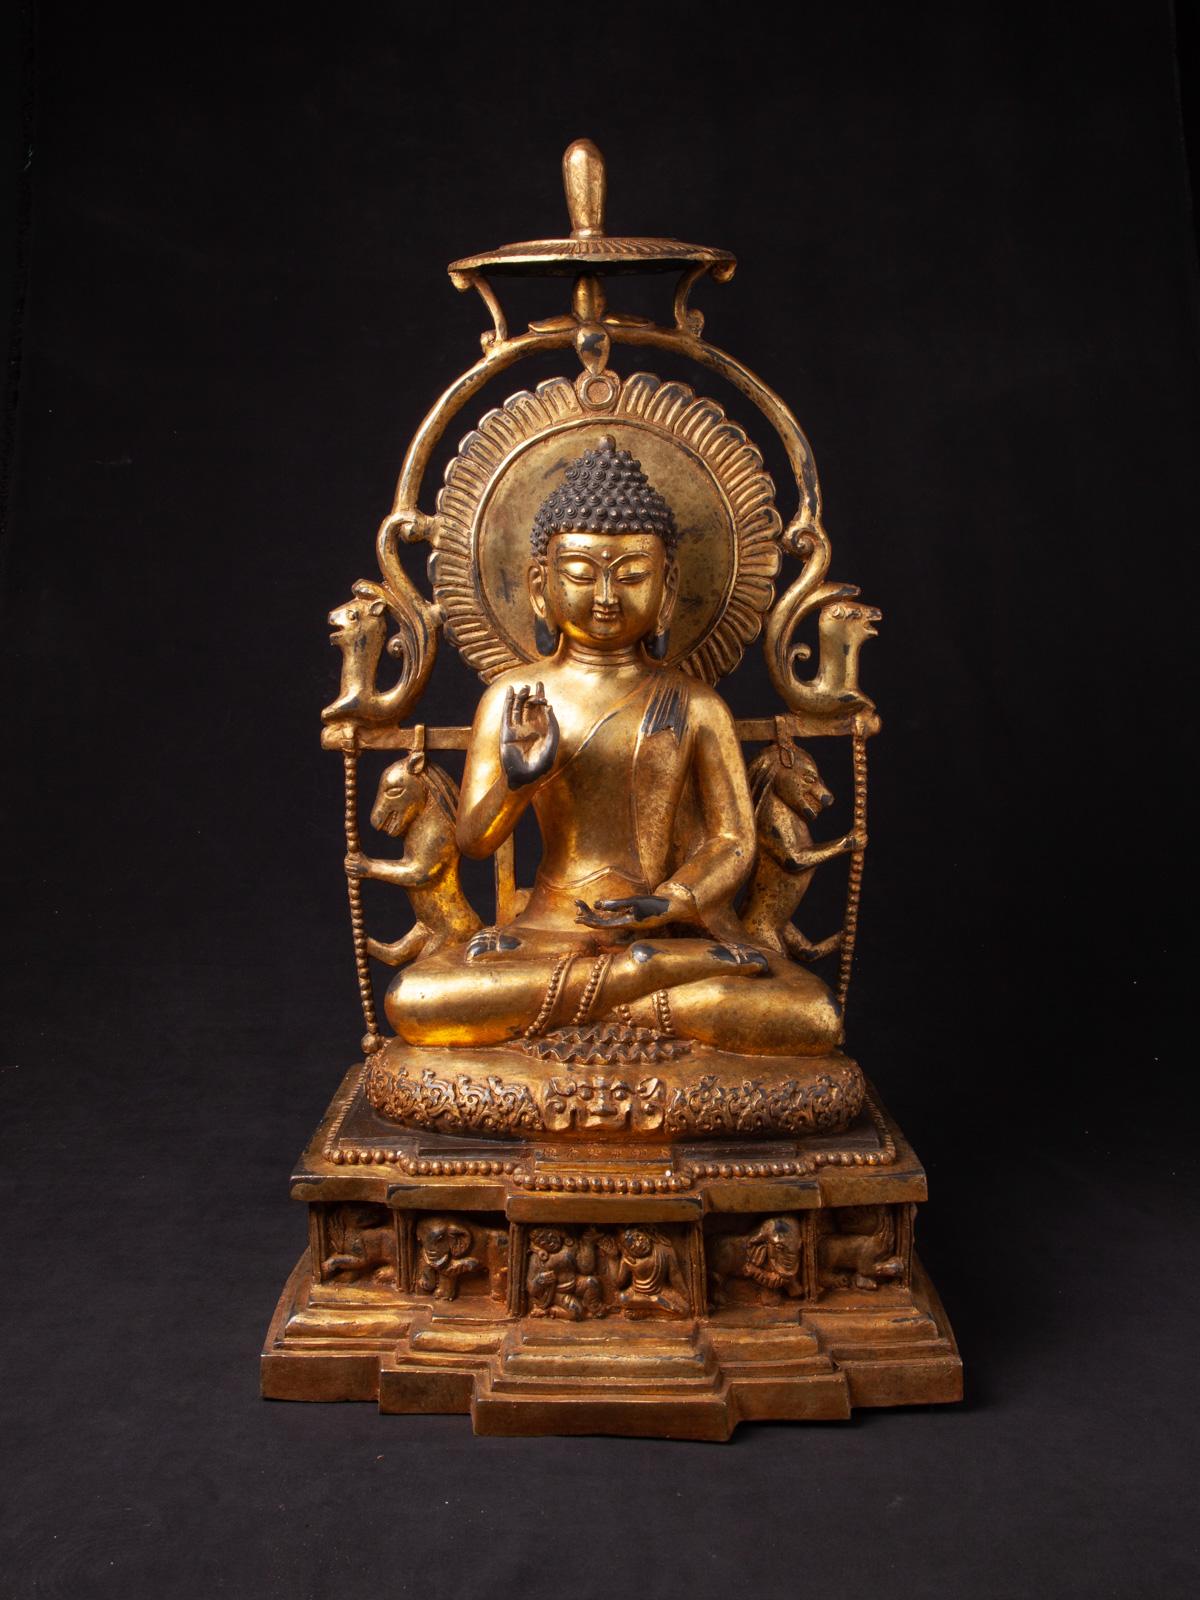 Old Chinese bronze Buddha statue